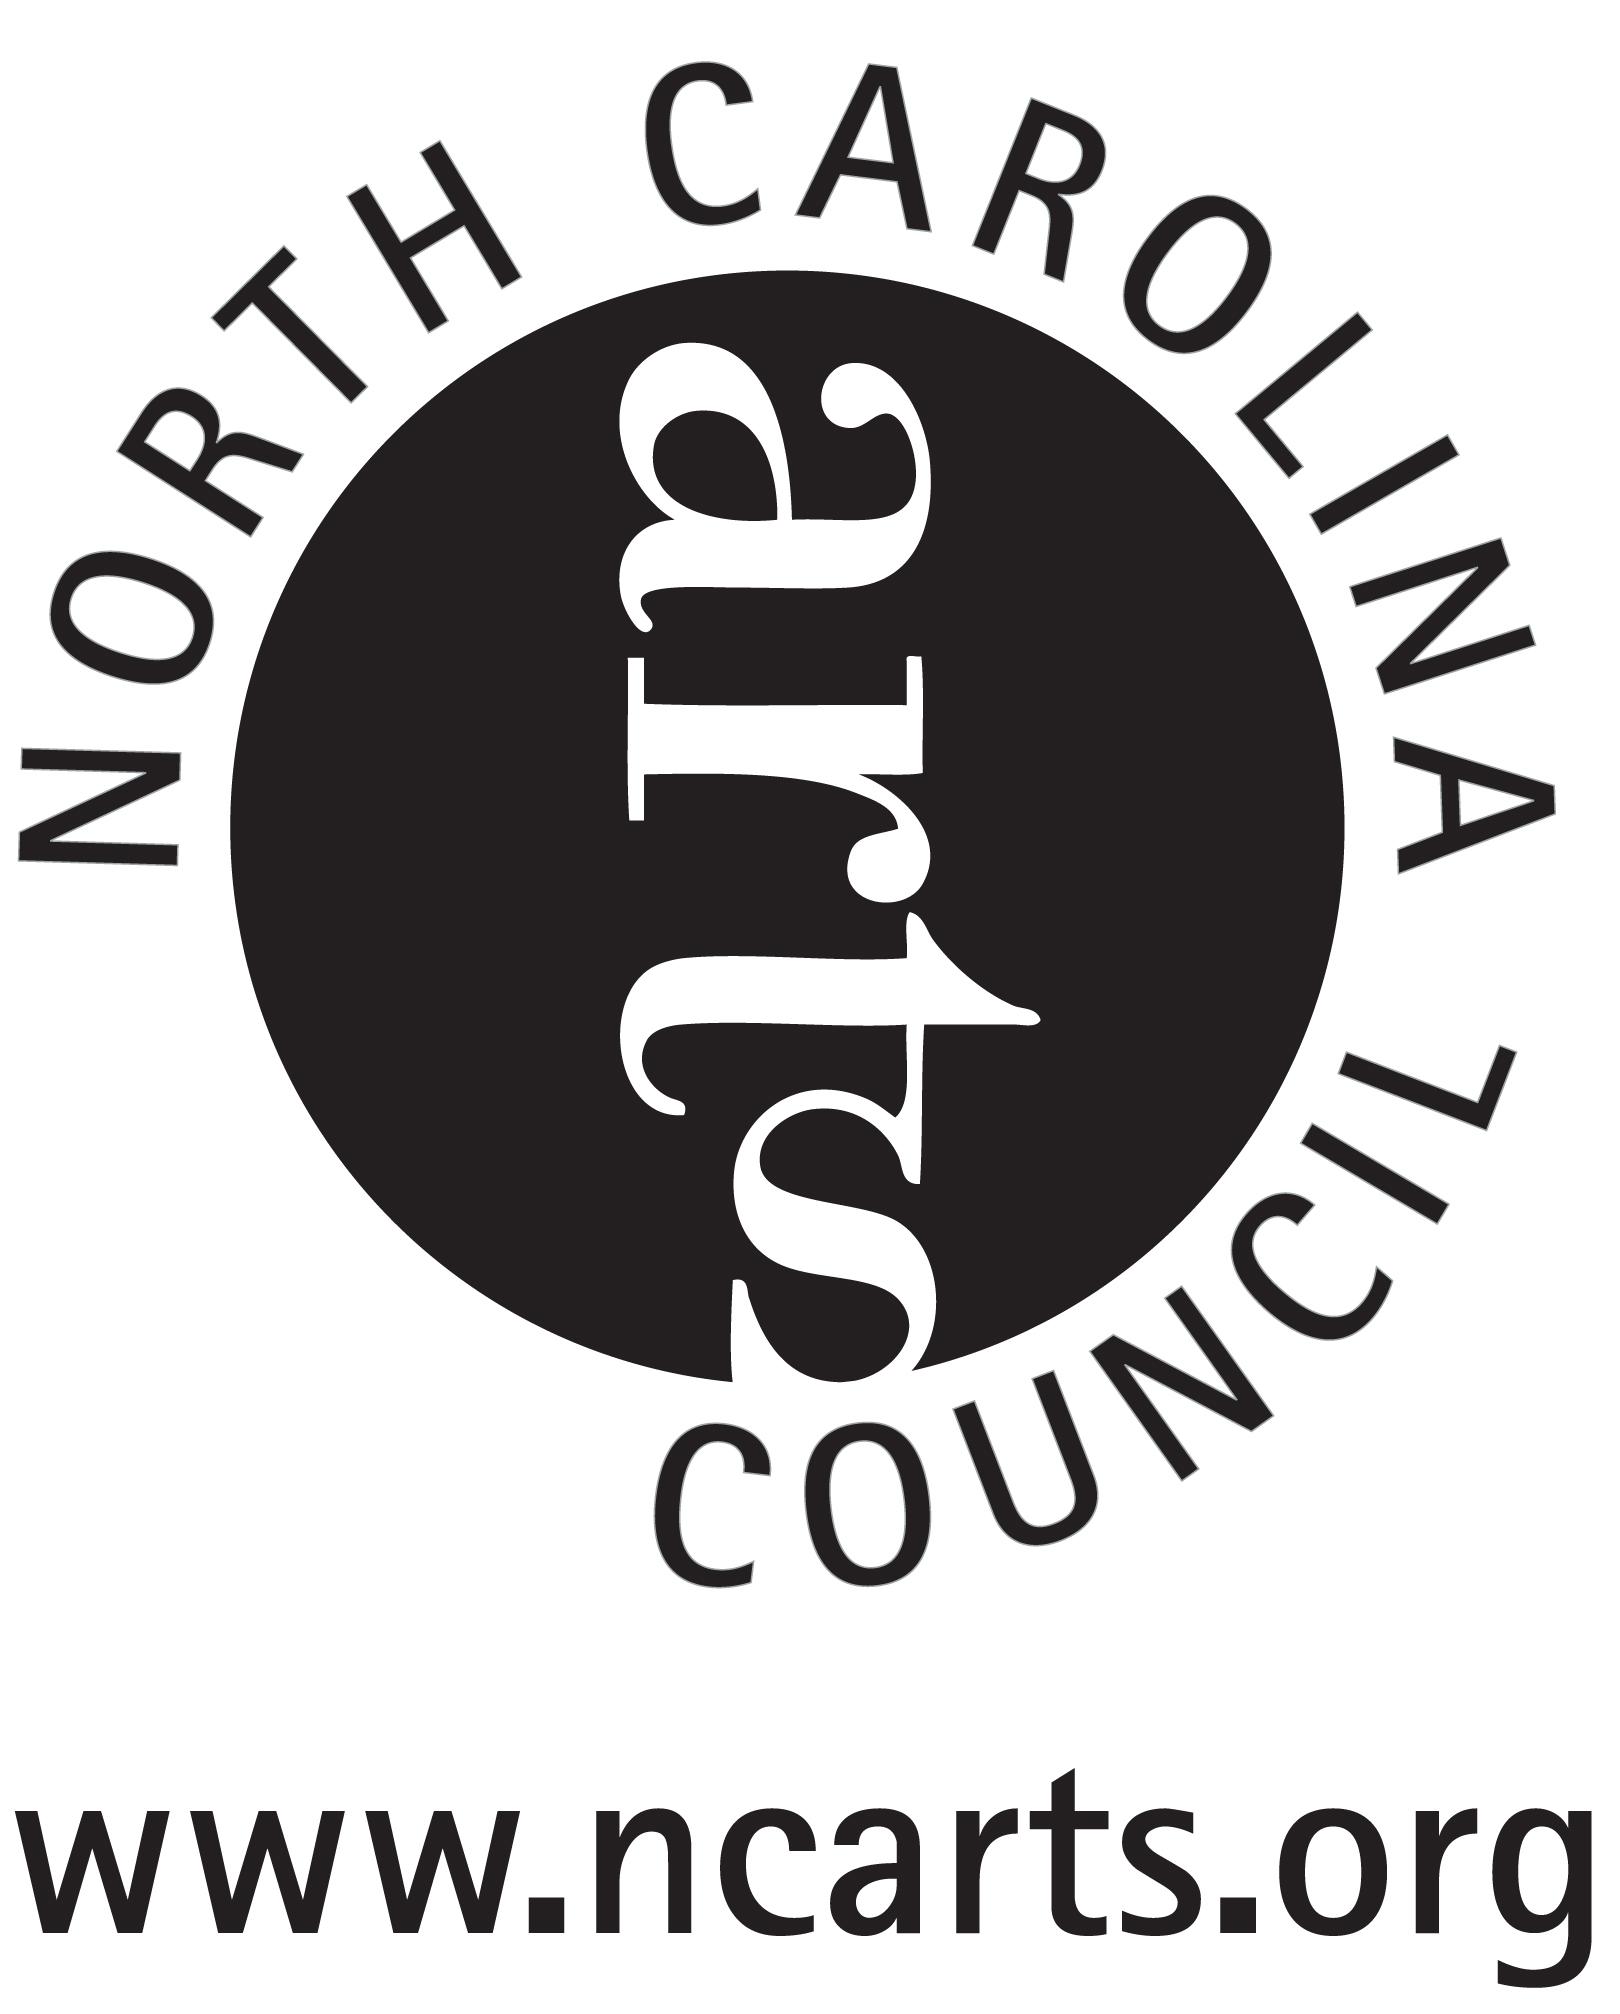 NCAC_LogoBlack